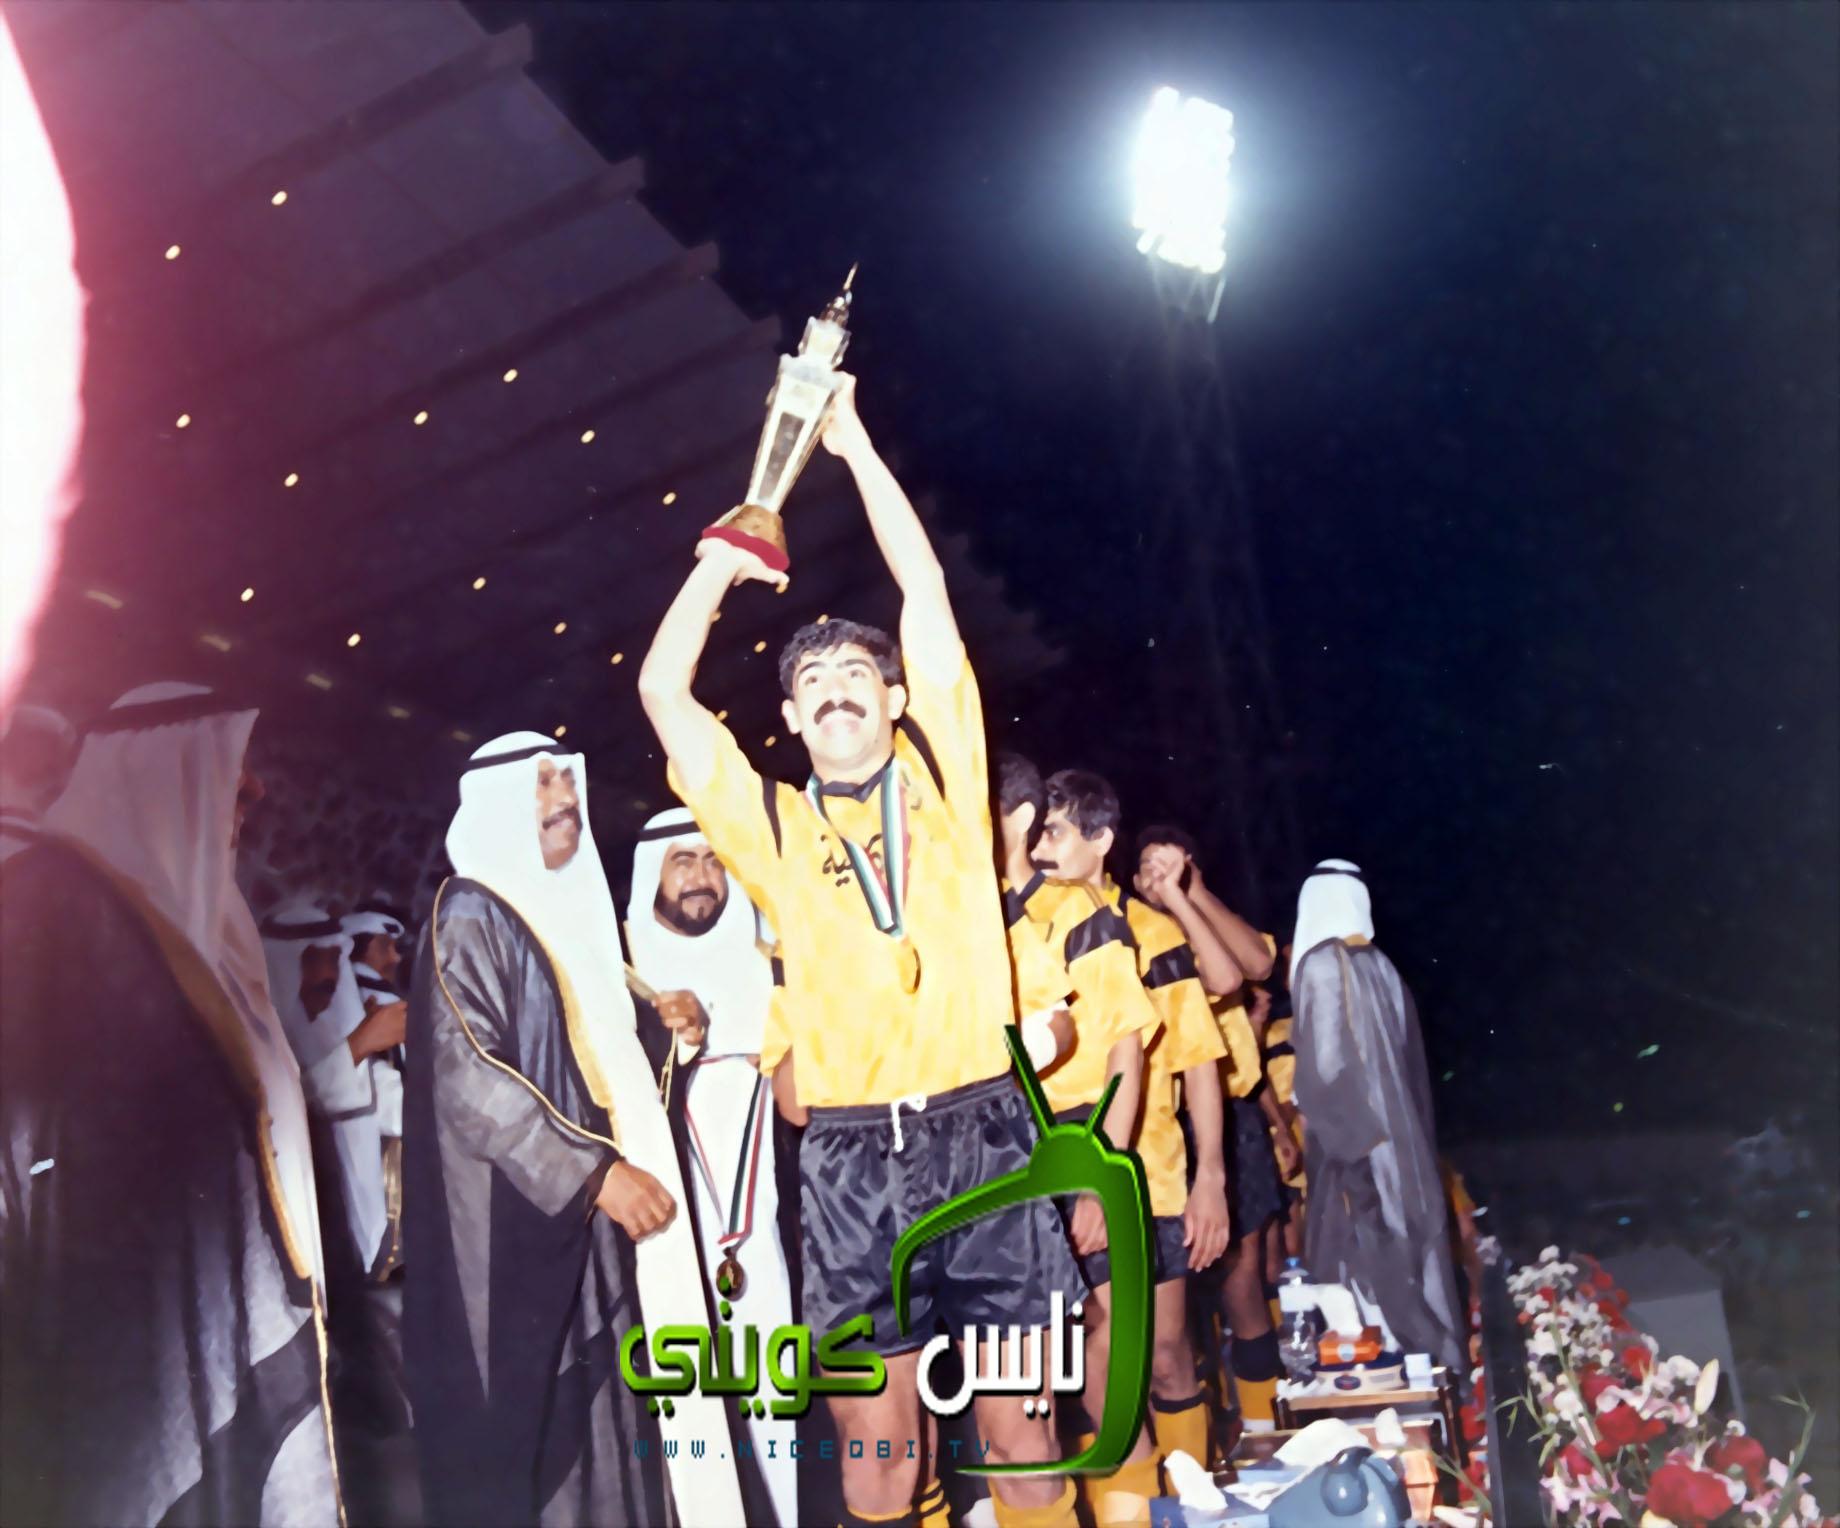 محمد ابراهيم يحمل كأس حضرة صاحب السمو امير ال